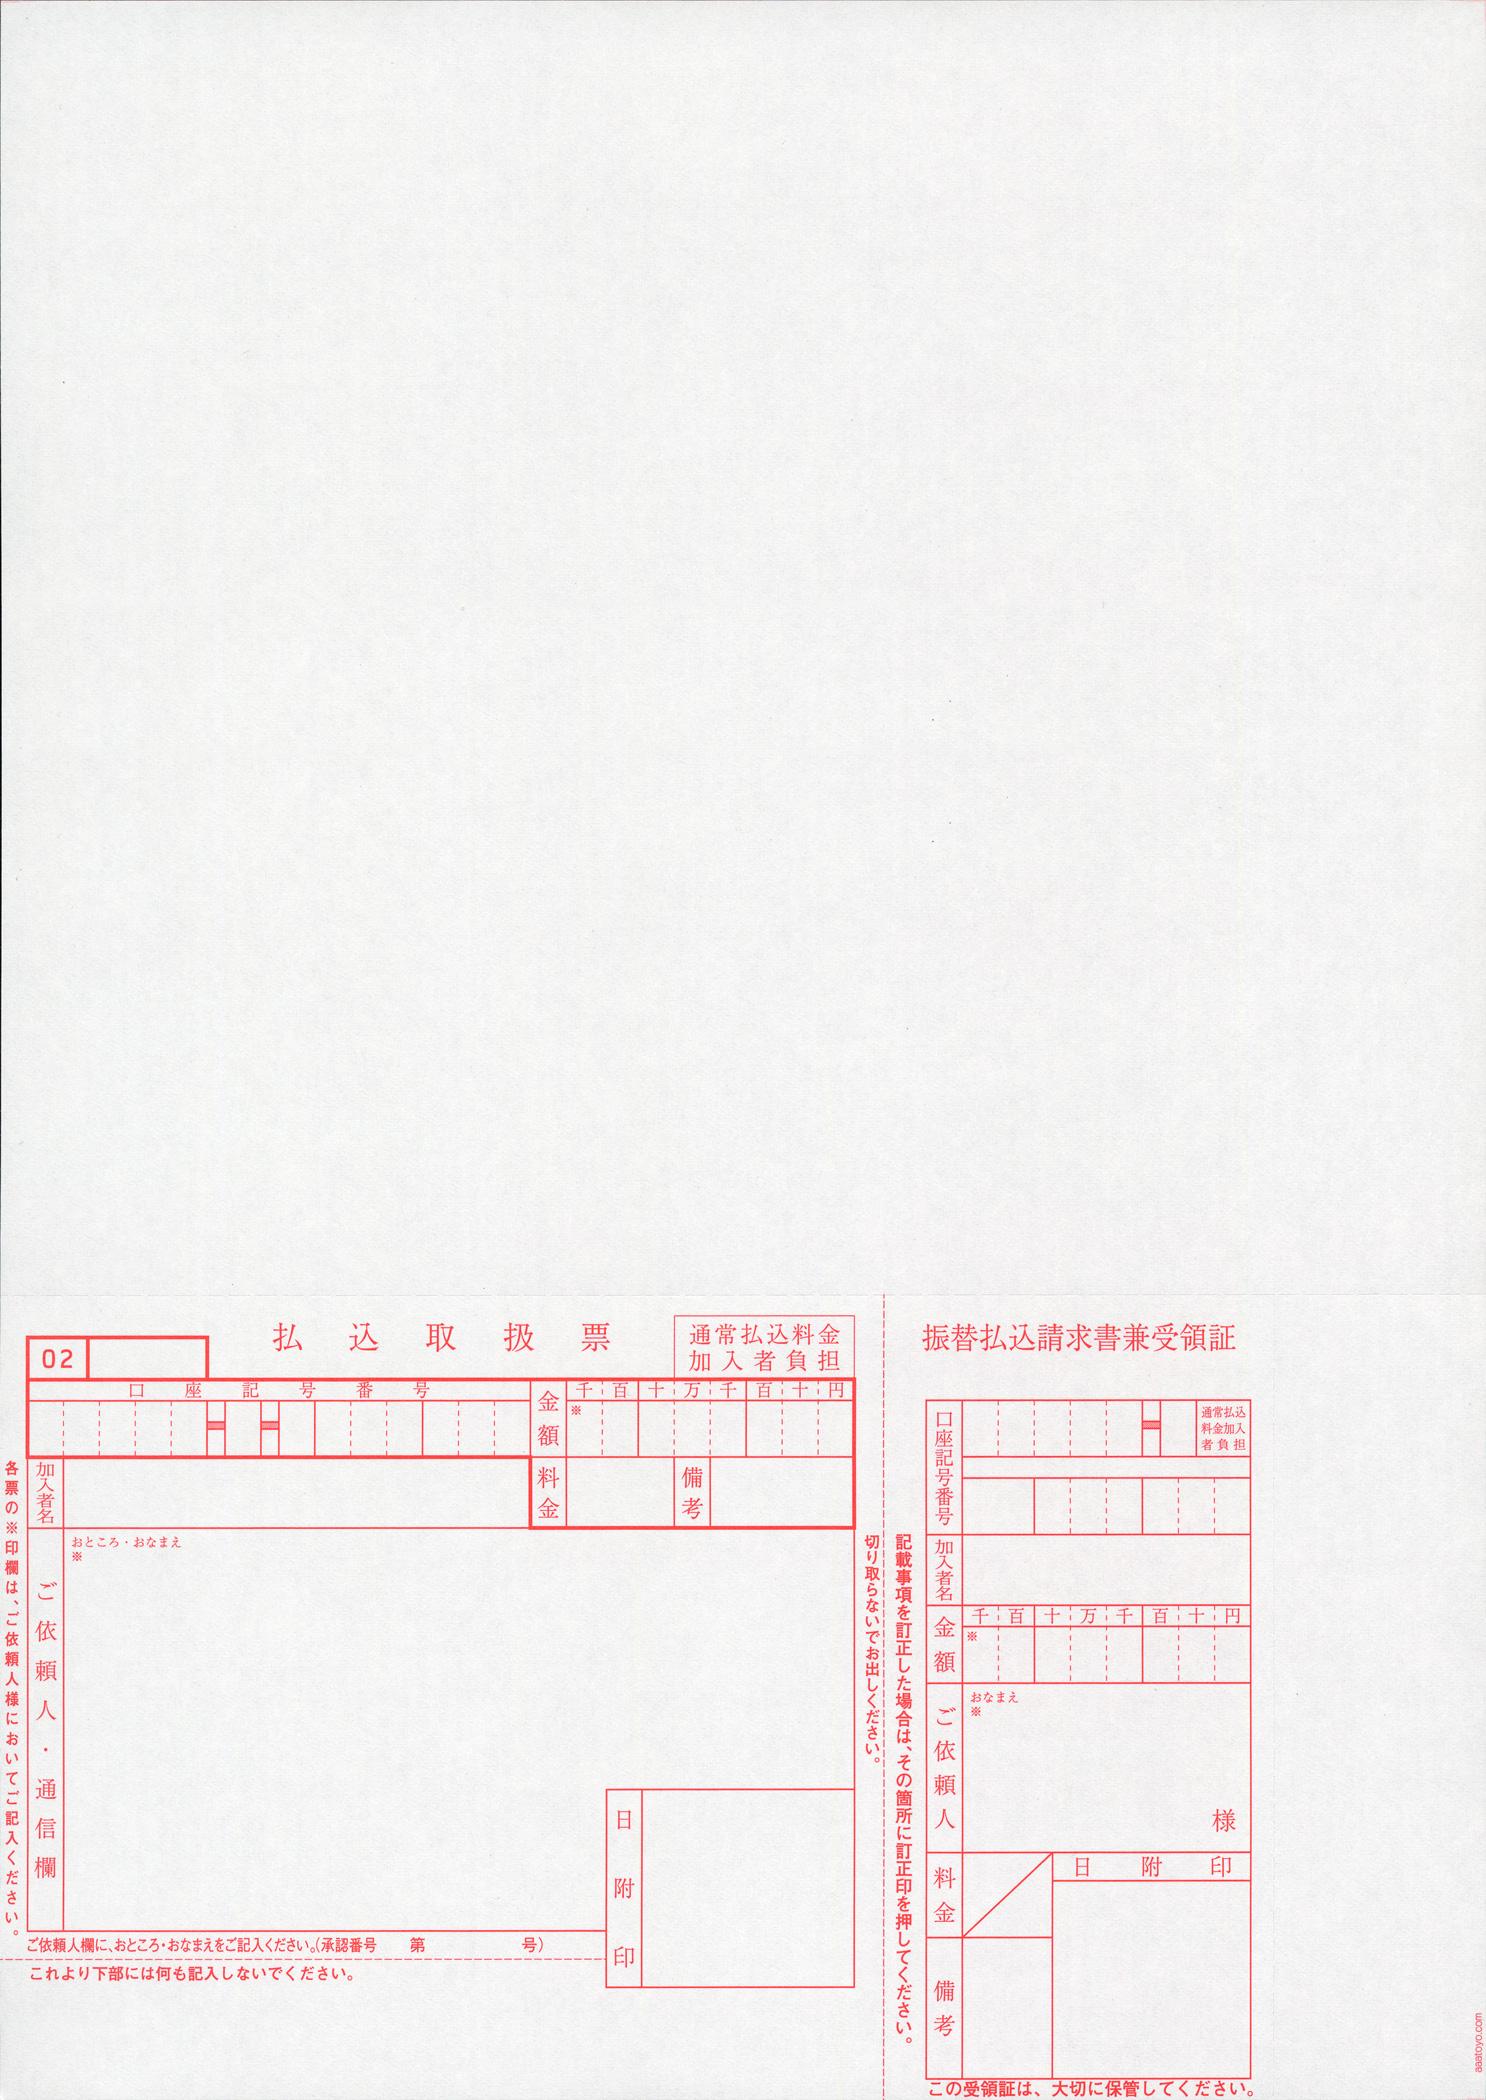 郵便振替払込書付A4プリンター用紙(加入者負担)赤色 1,000枚画像